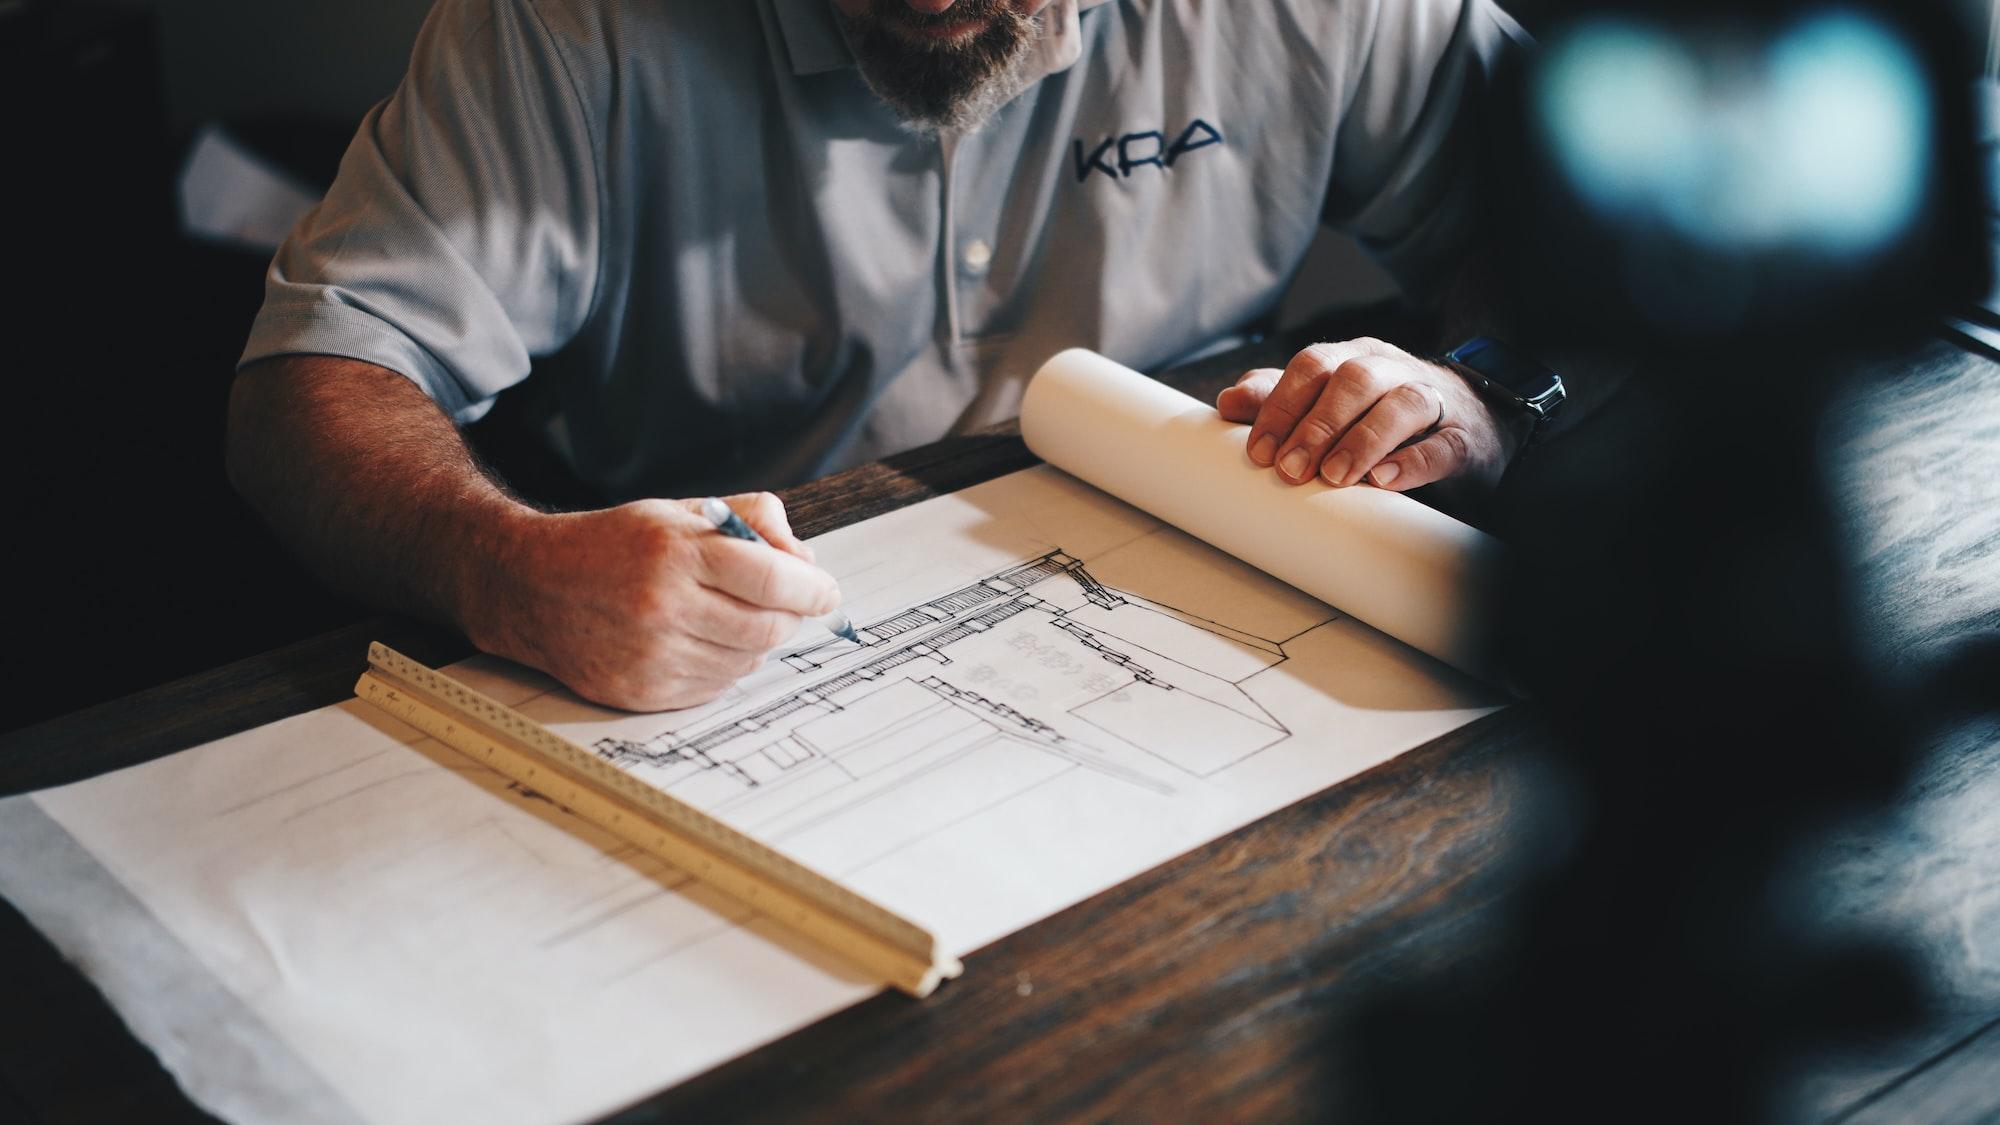 building ideas4growth.com